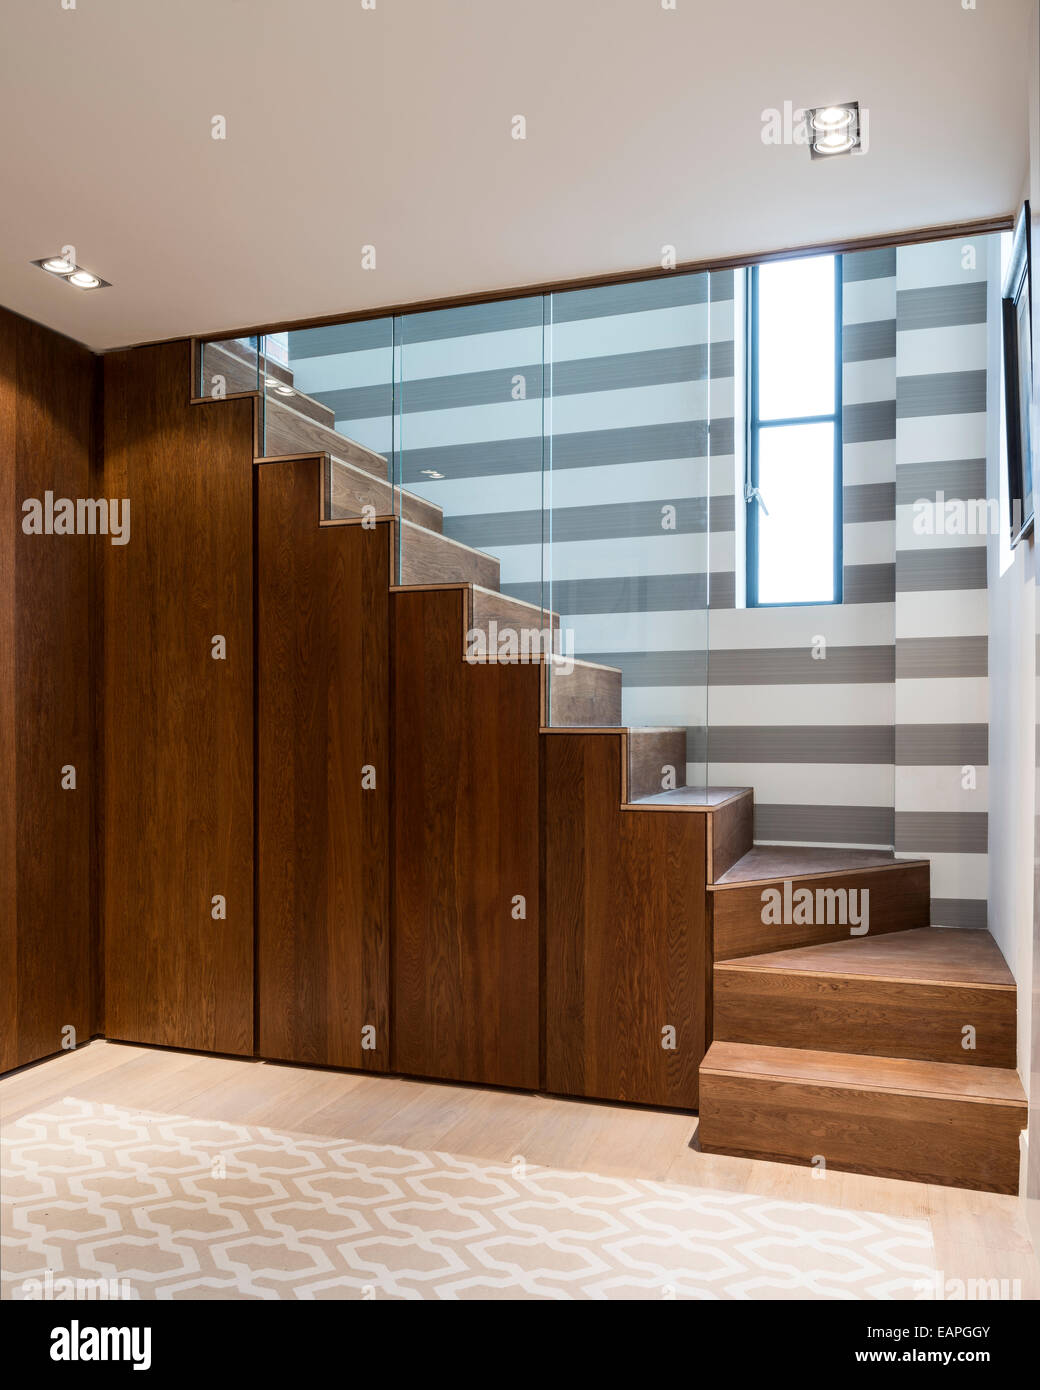 Kirschbaum Treppe Mit Eingebauten Schrank Lagerung Stockfoto Bild